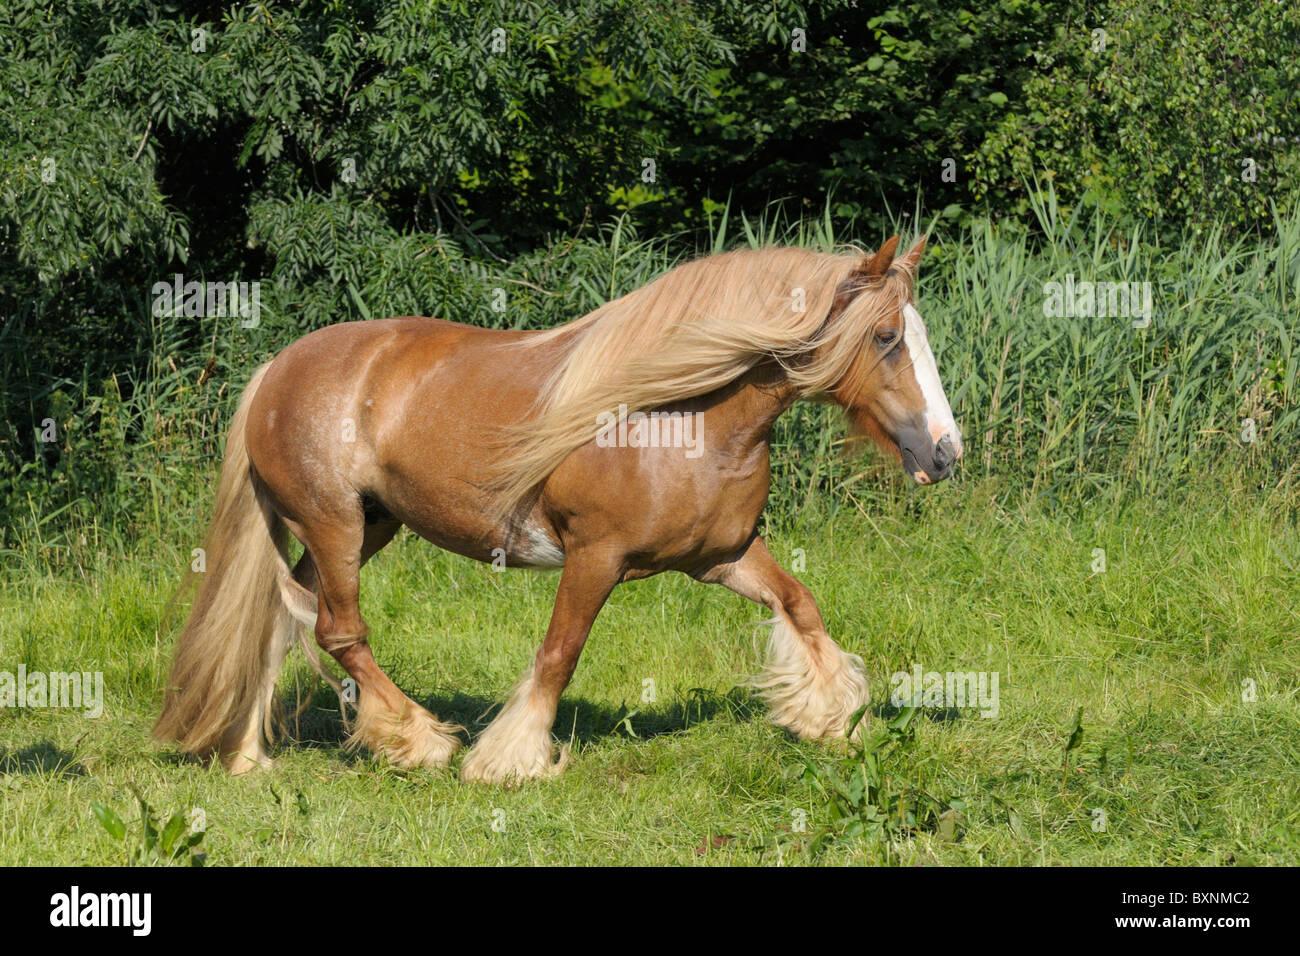 Irish Tinker de trote de caballos en el campo Imagen De Stock